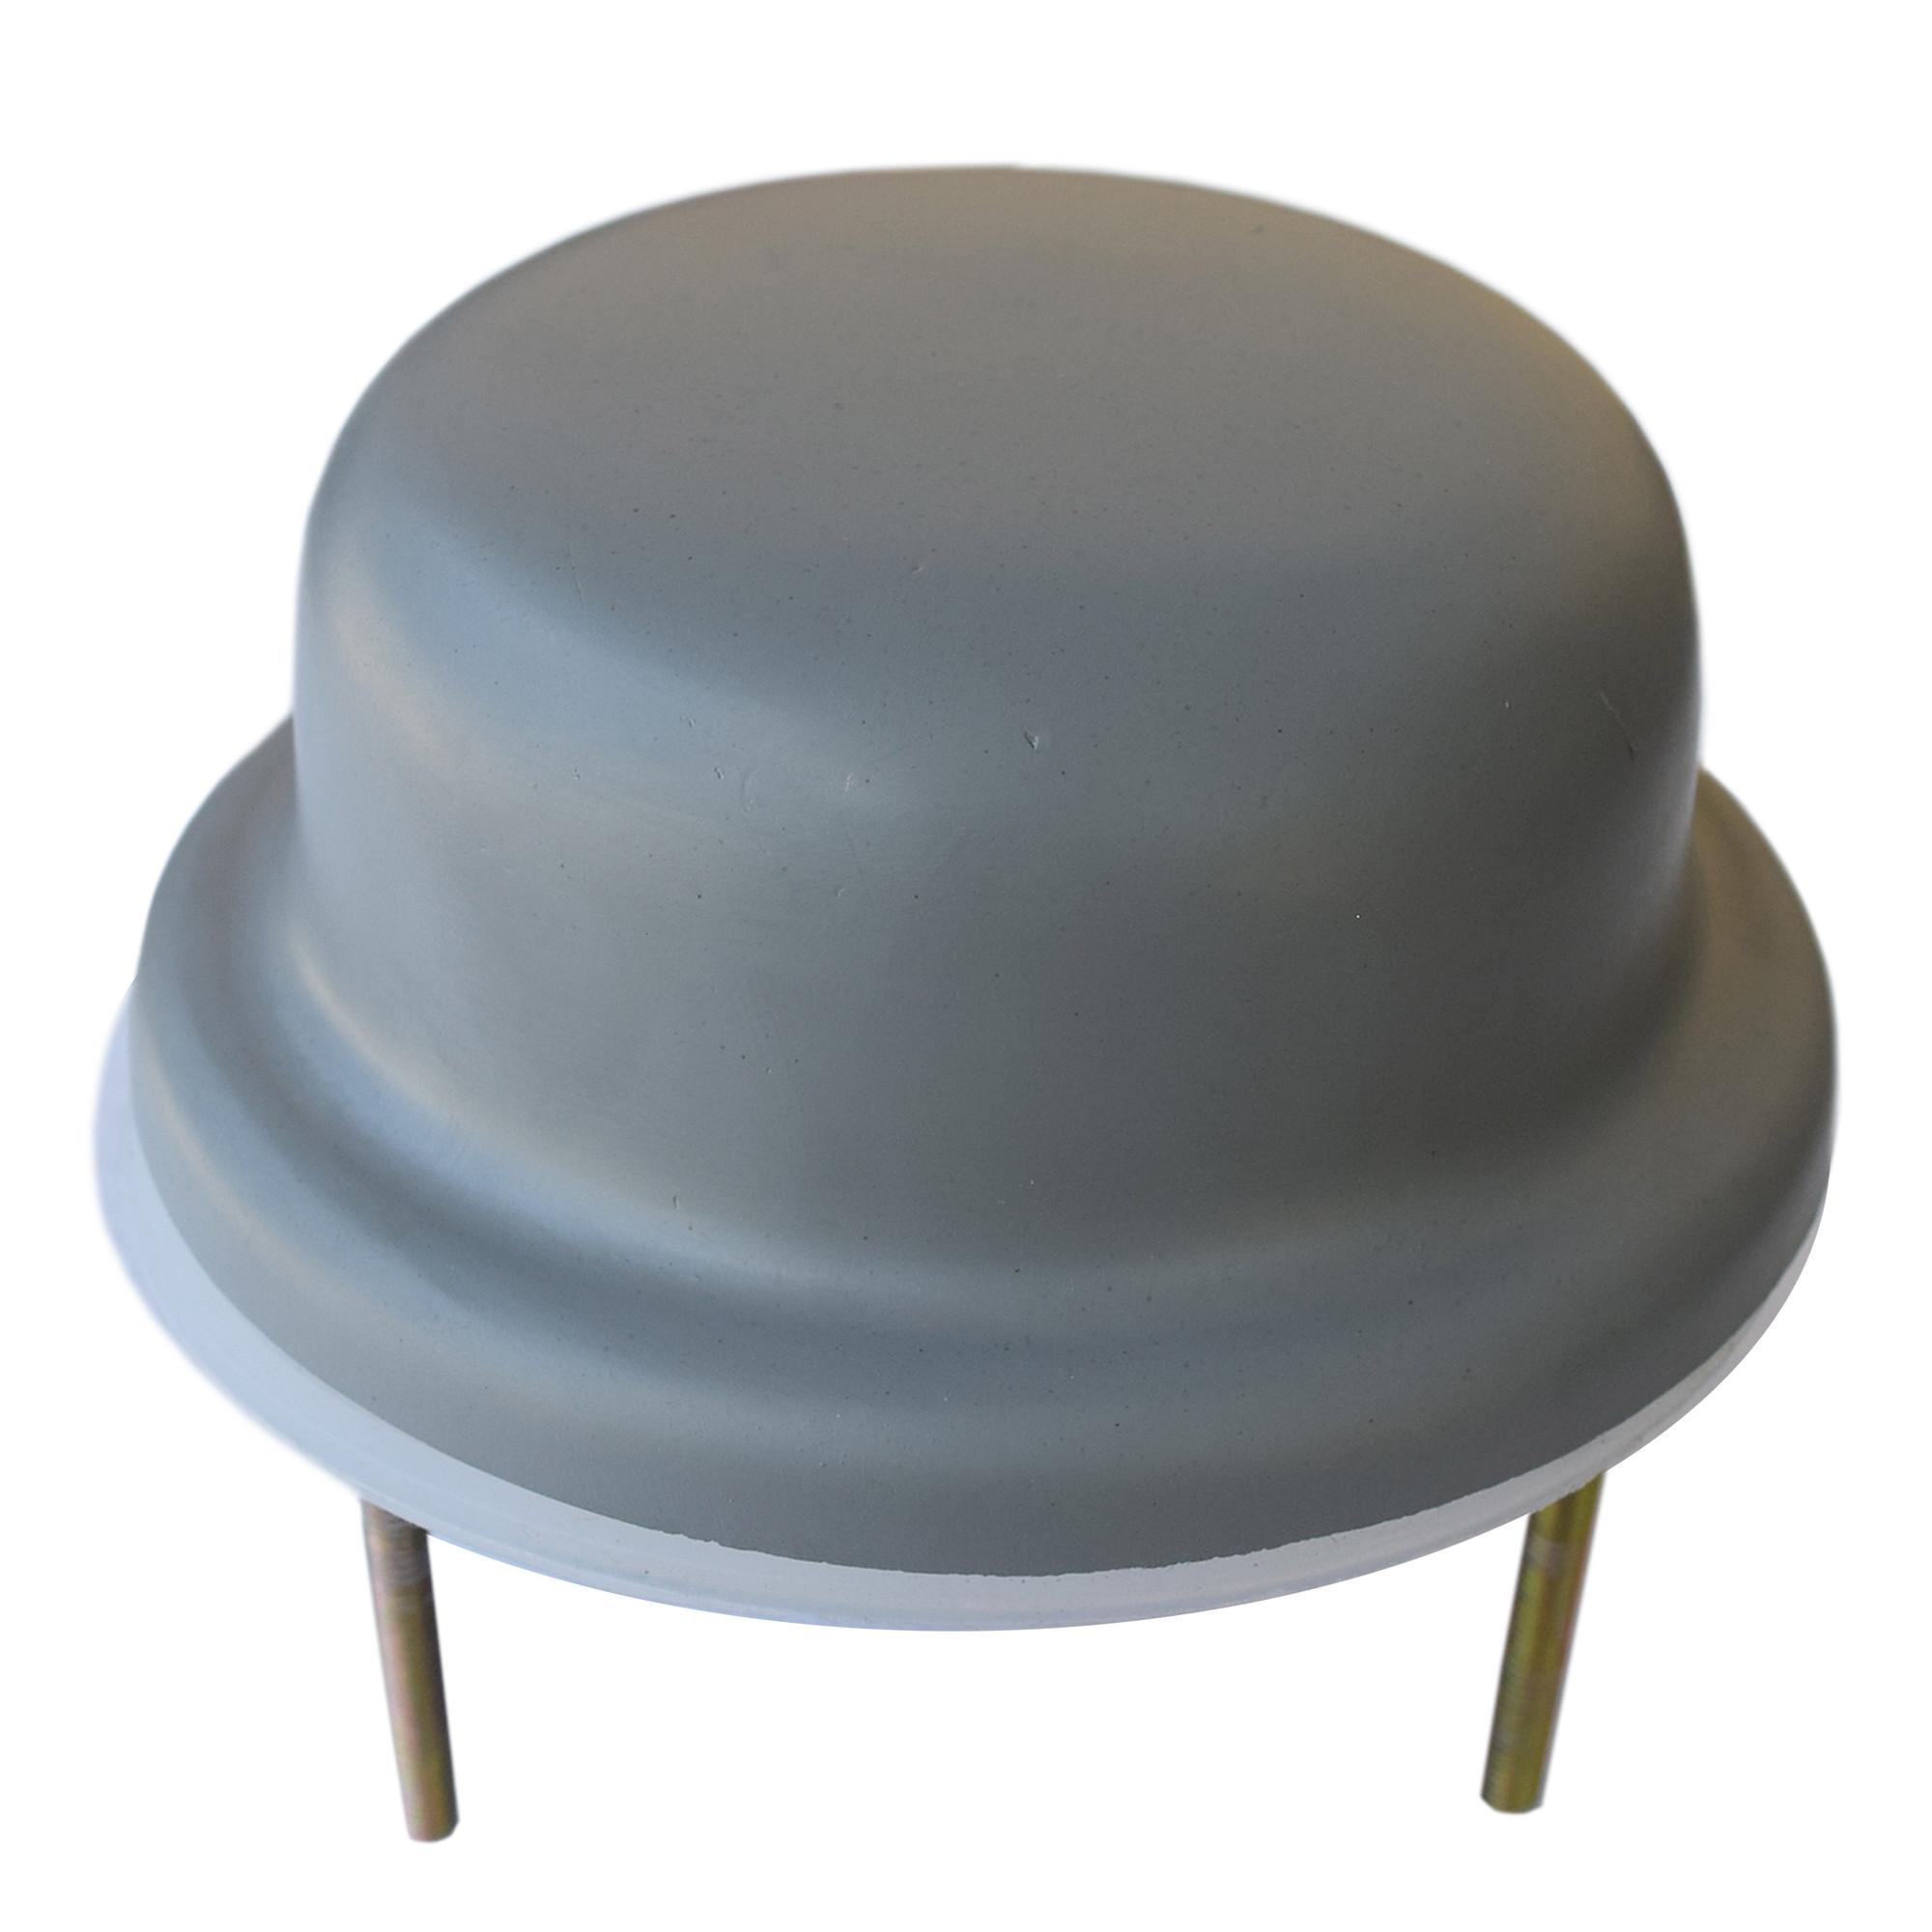 Ấm sắc thuốc Trường An TA36 nâu   - Hàng chính hãng - Gốm sứ cao cấp  - Điện gia dụng - Siêu thuốc - Siêu điện - Ấm sắc thuốc bằng điện -  Dụng cụ nấu thuốc  -Hàng Việt Nam chất lượng cao